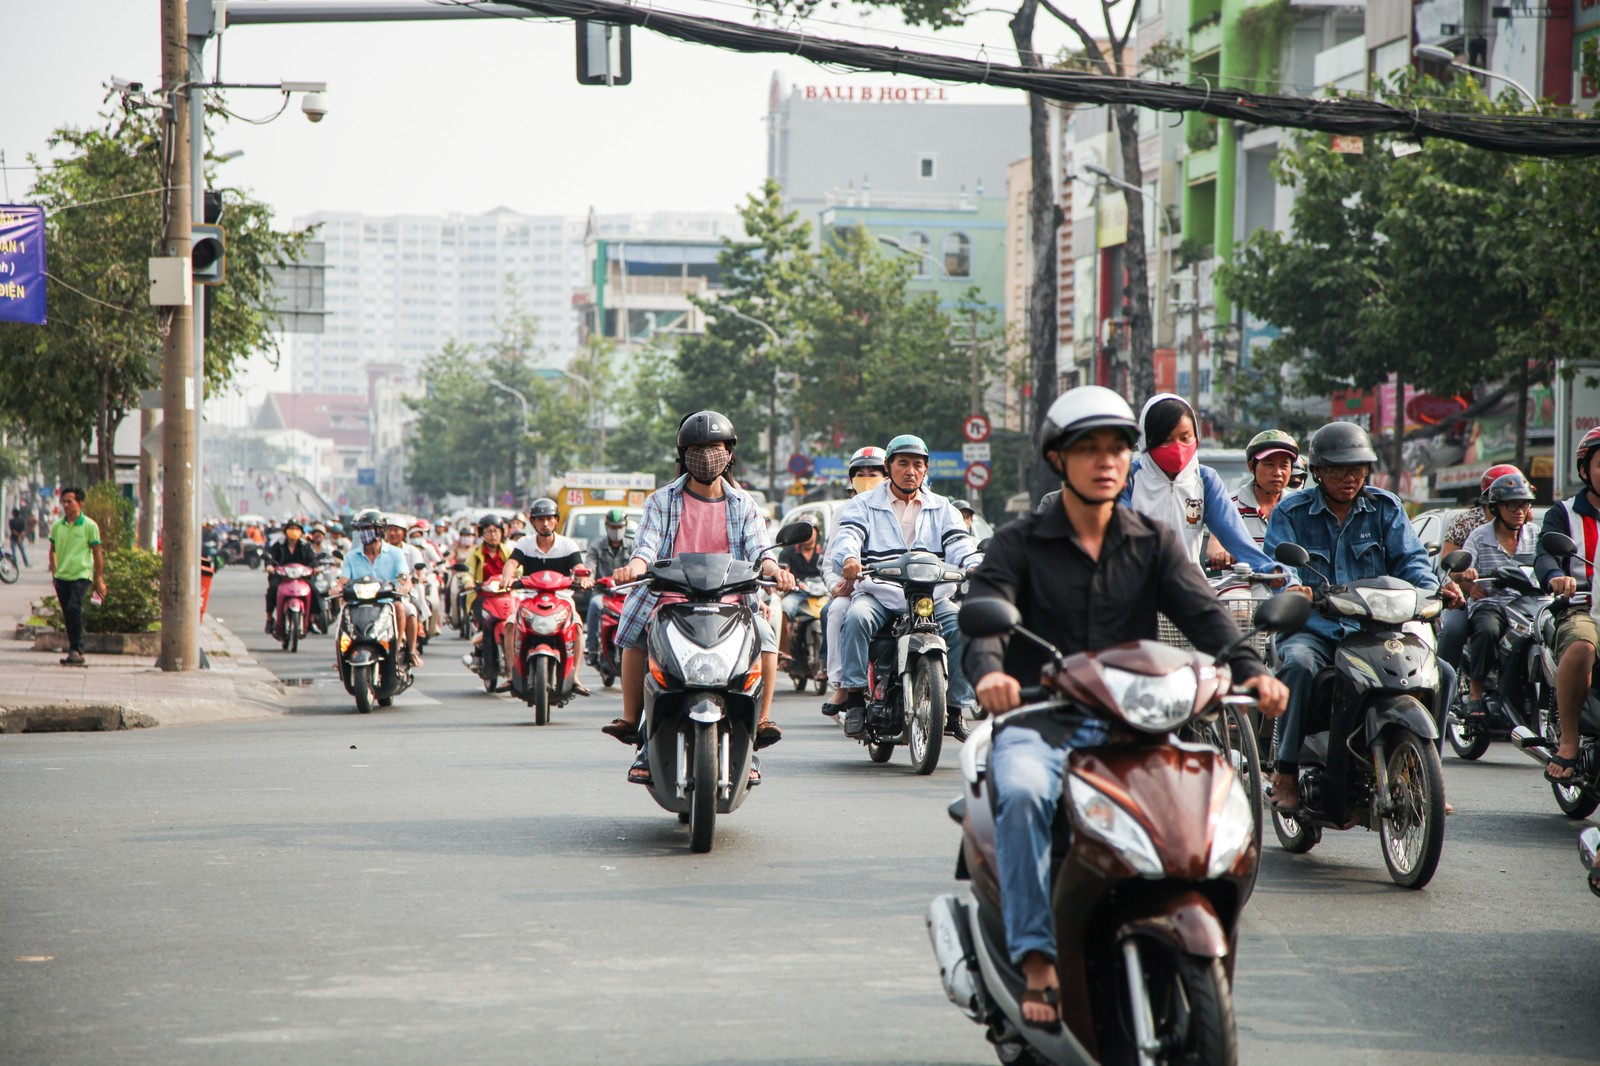 「ベトナム(ホーチミン)市街地を走行するバイク集団」の写真